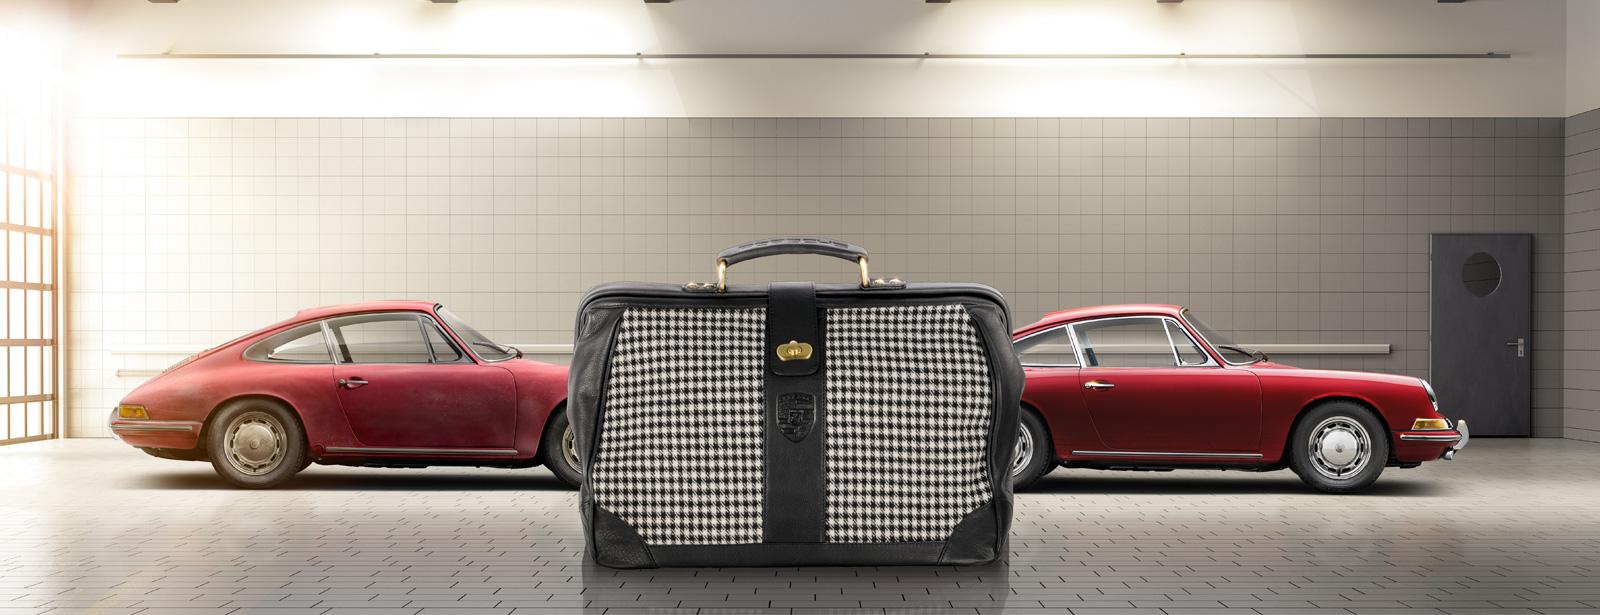 Information About Your Classic Porsche Porsche Classic Porsche Ag